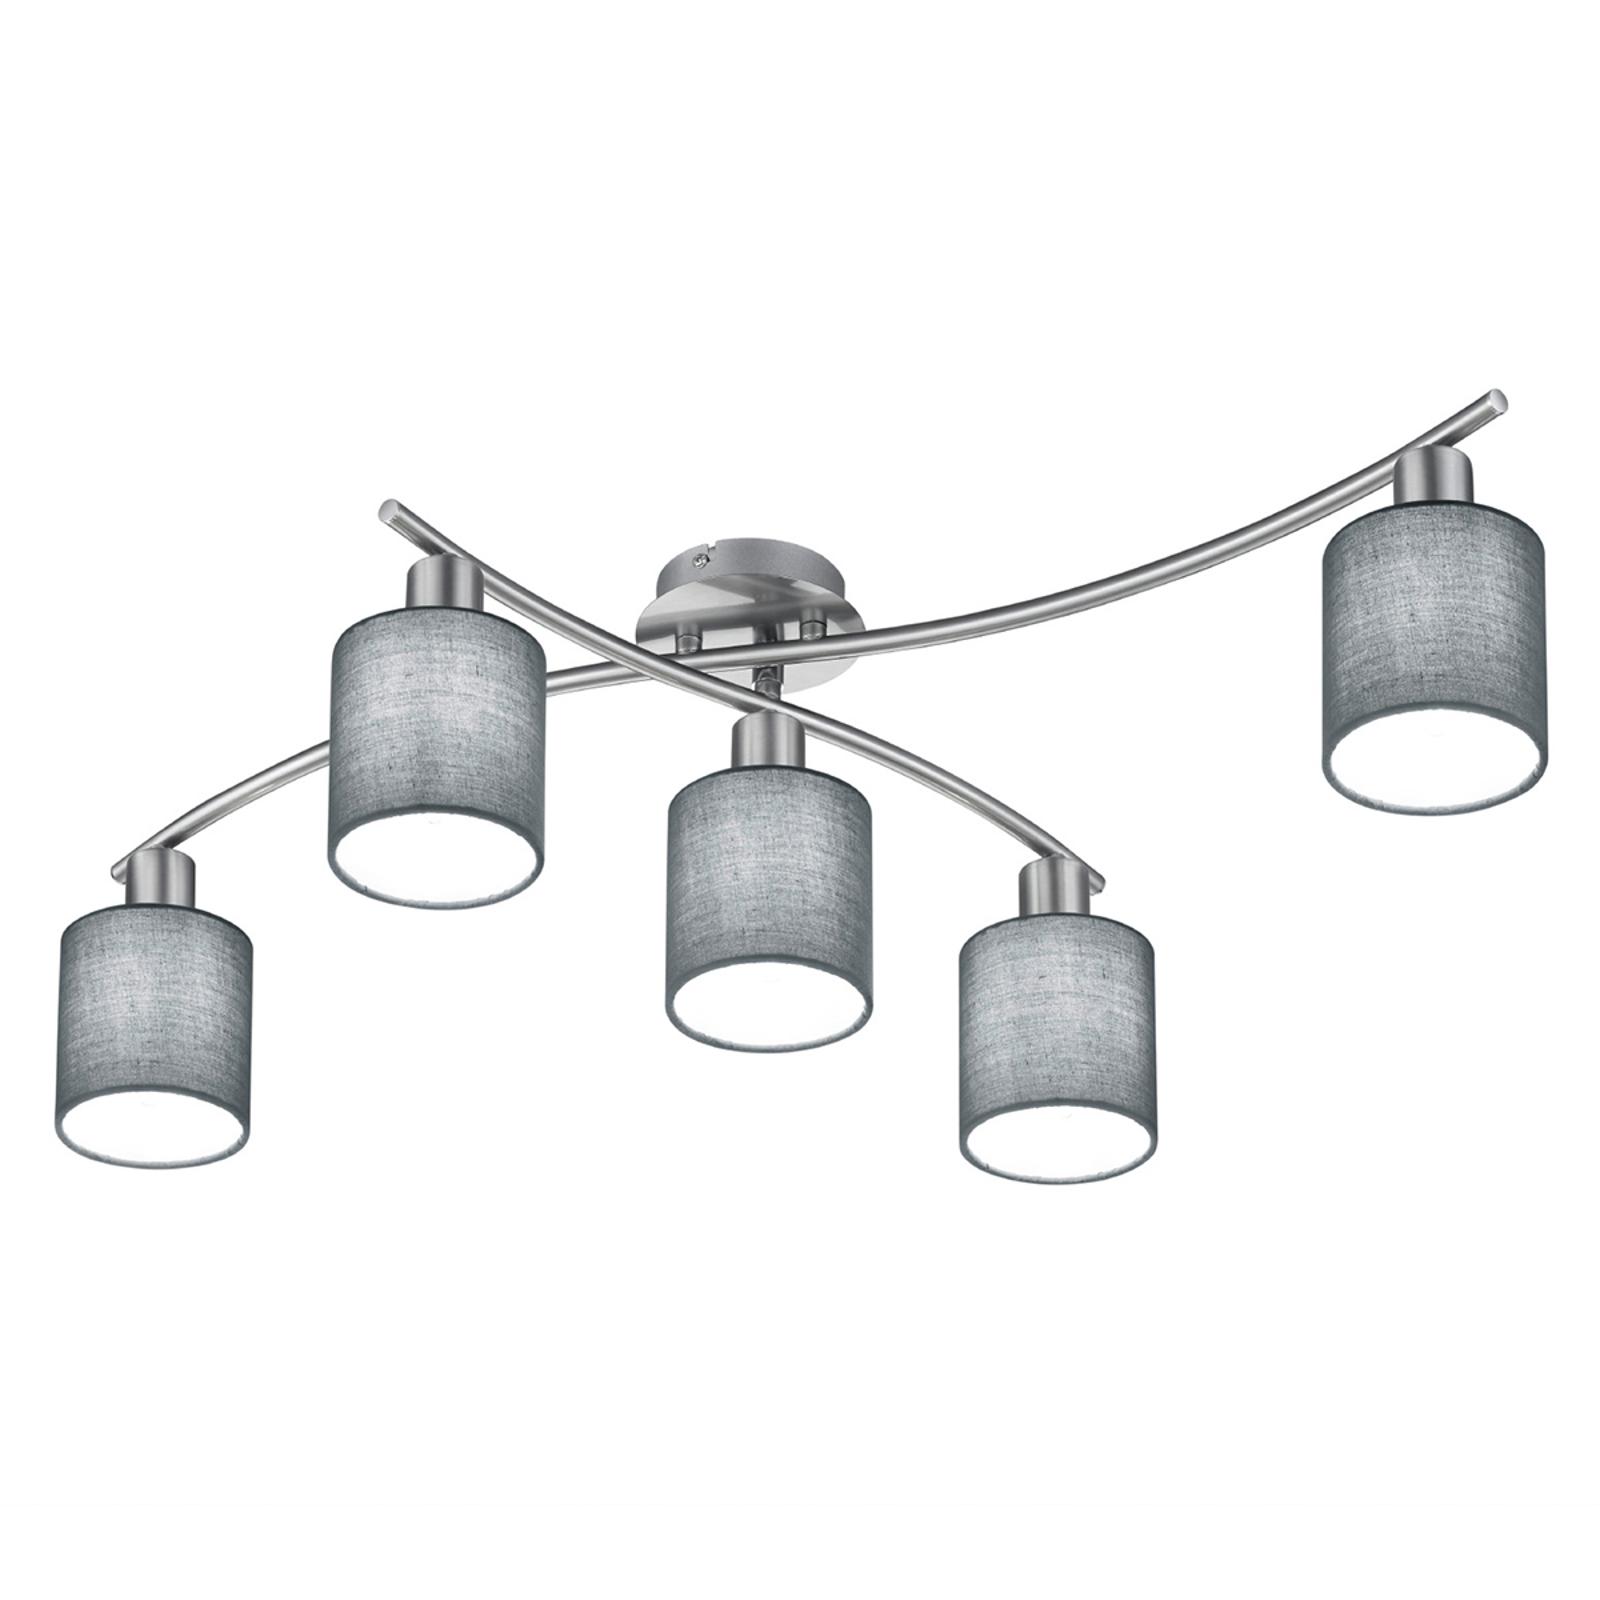 Plafondlamp Garda - 5-flg. met grijze kappen